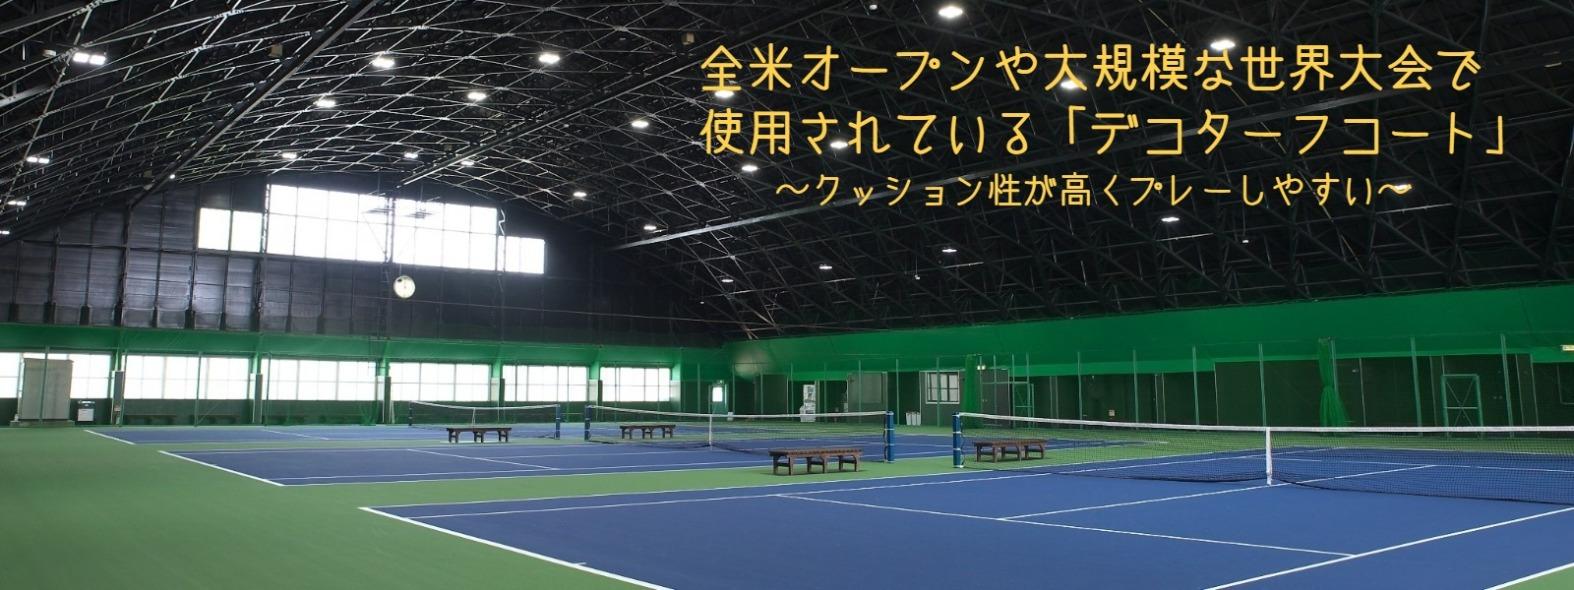 インドアコート デコターフ 昭和の森テニスセンター(東京都昭島市)